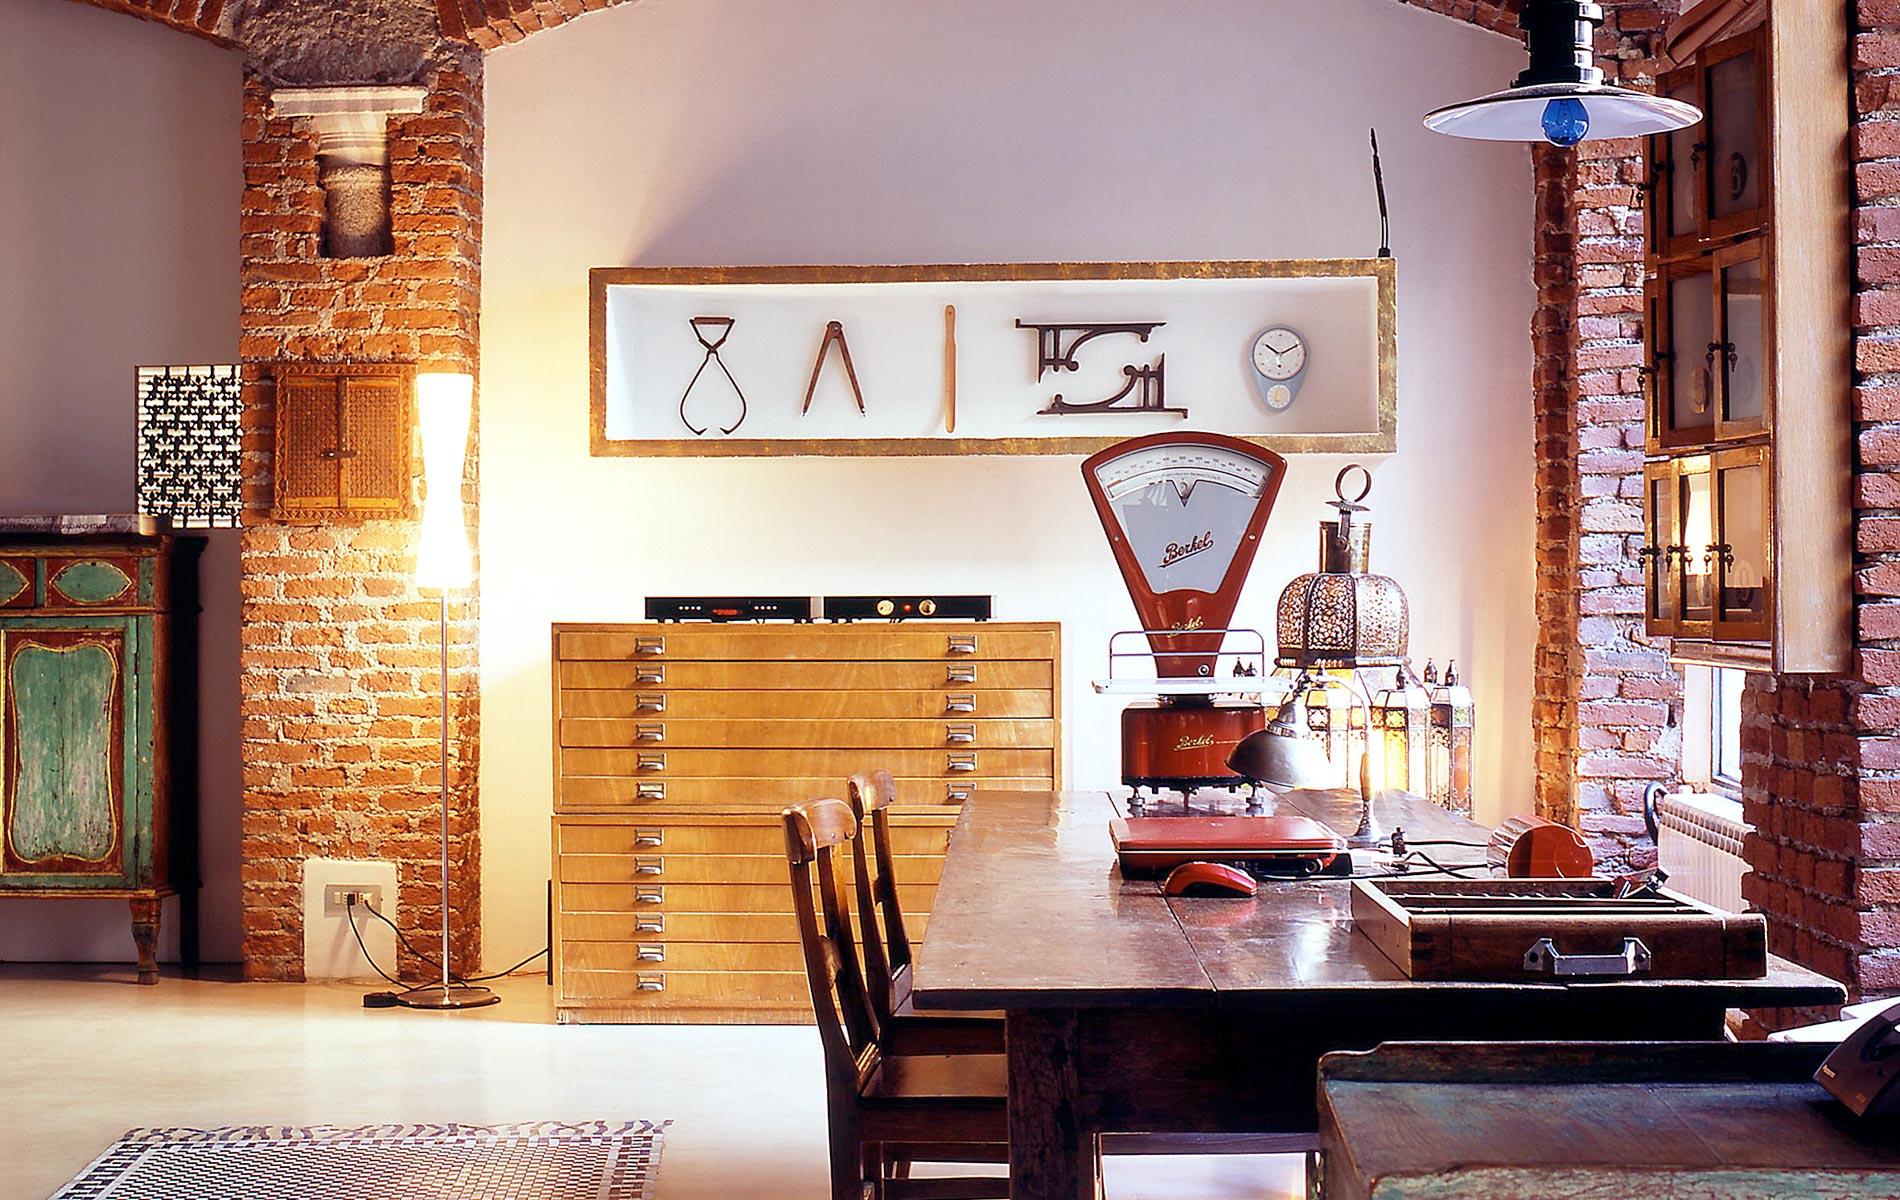 Design Degli Interni Roma ndbdga | nm-architetti - milano